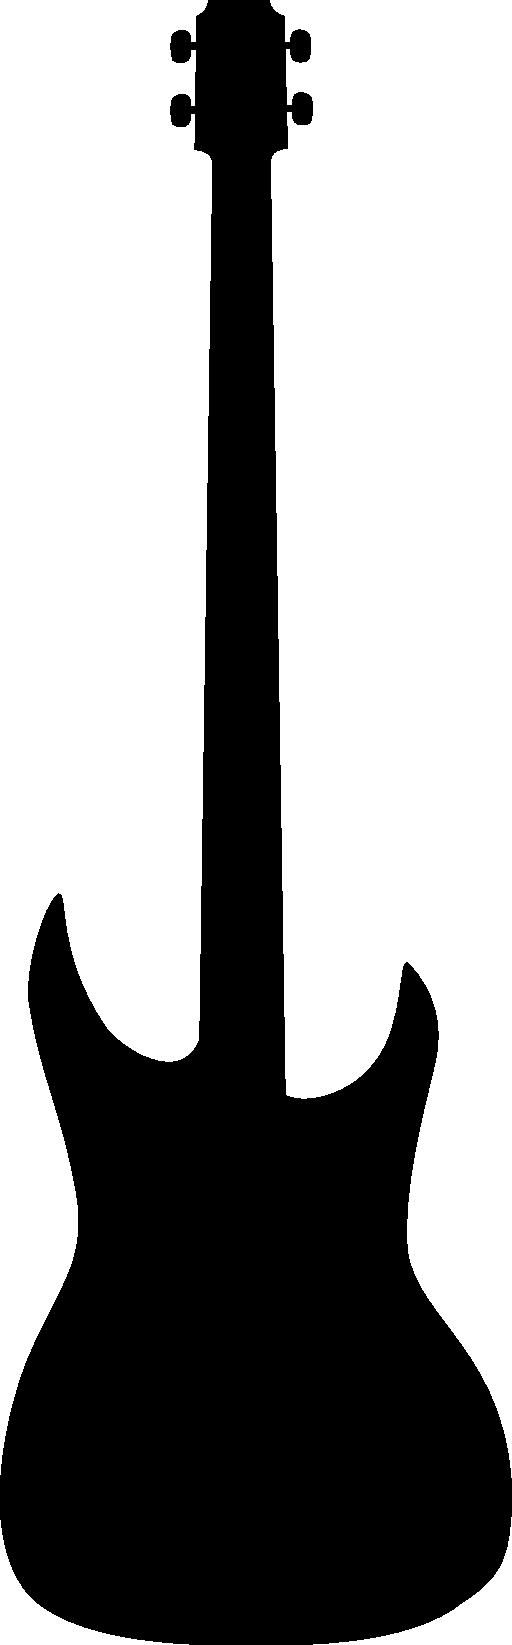 512x1645 Guitar Clipart Silhouette